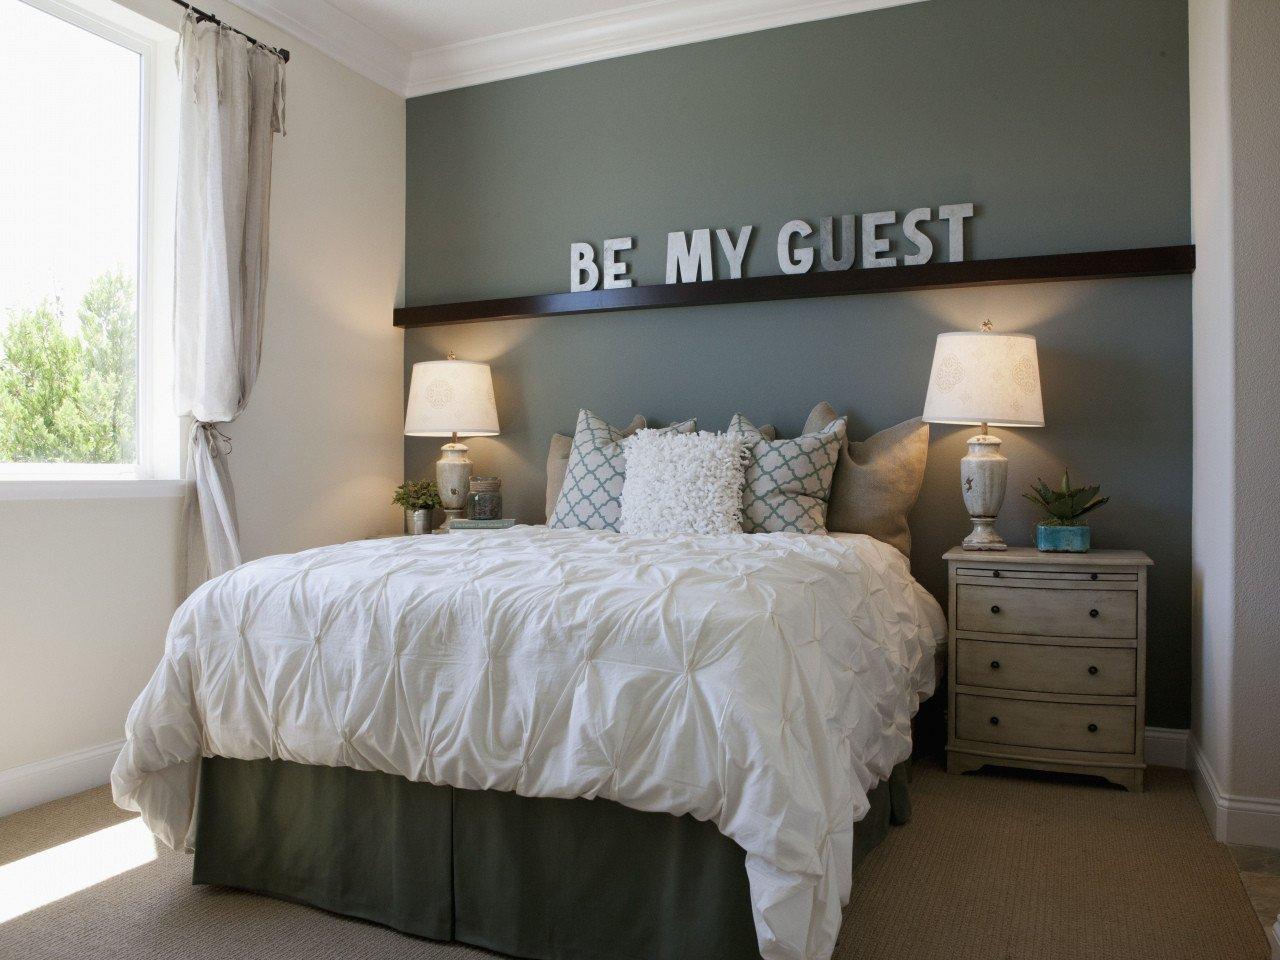 Paula Deen Steel Magnolia Bedroom Set Elegant Rent A Center Bedroom Sets — Procura Home Blog